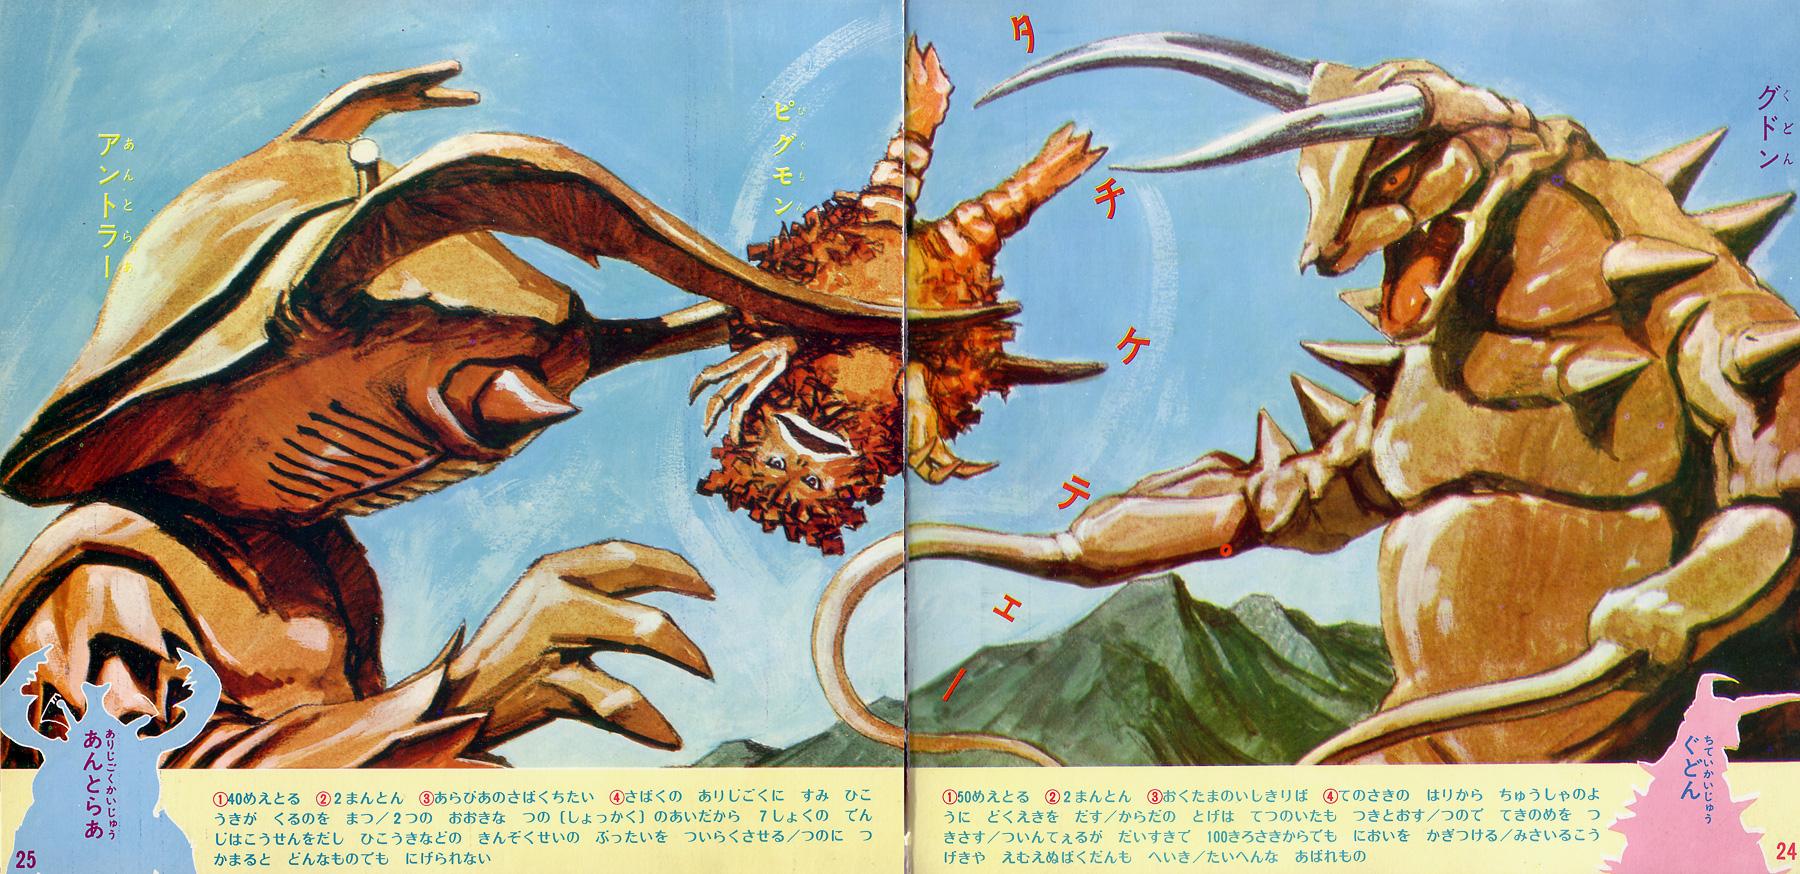 Monster Illustrations From Ultraman Sonosheet Book Pink